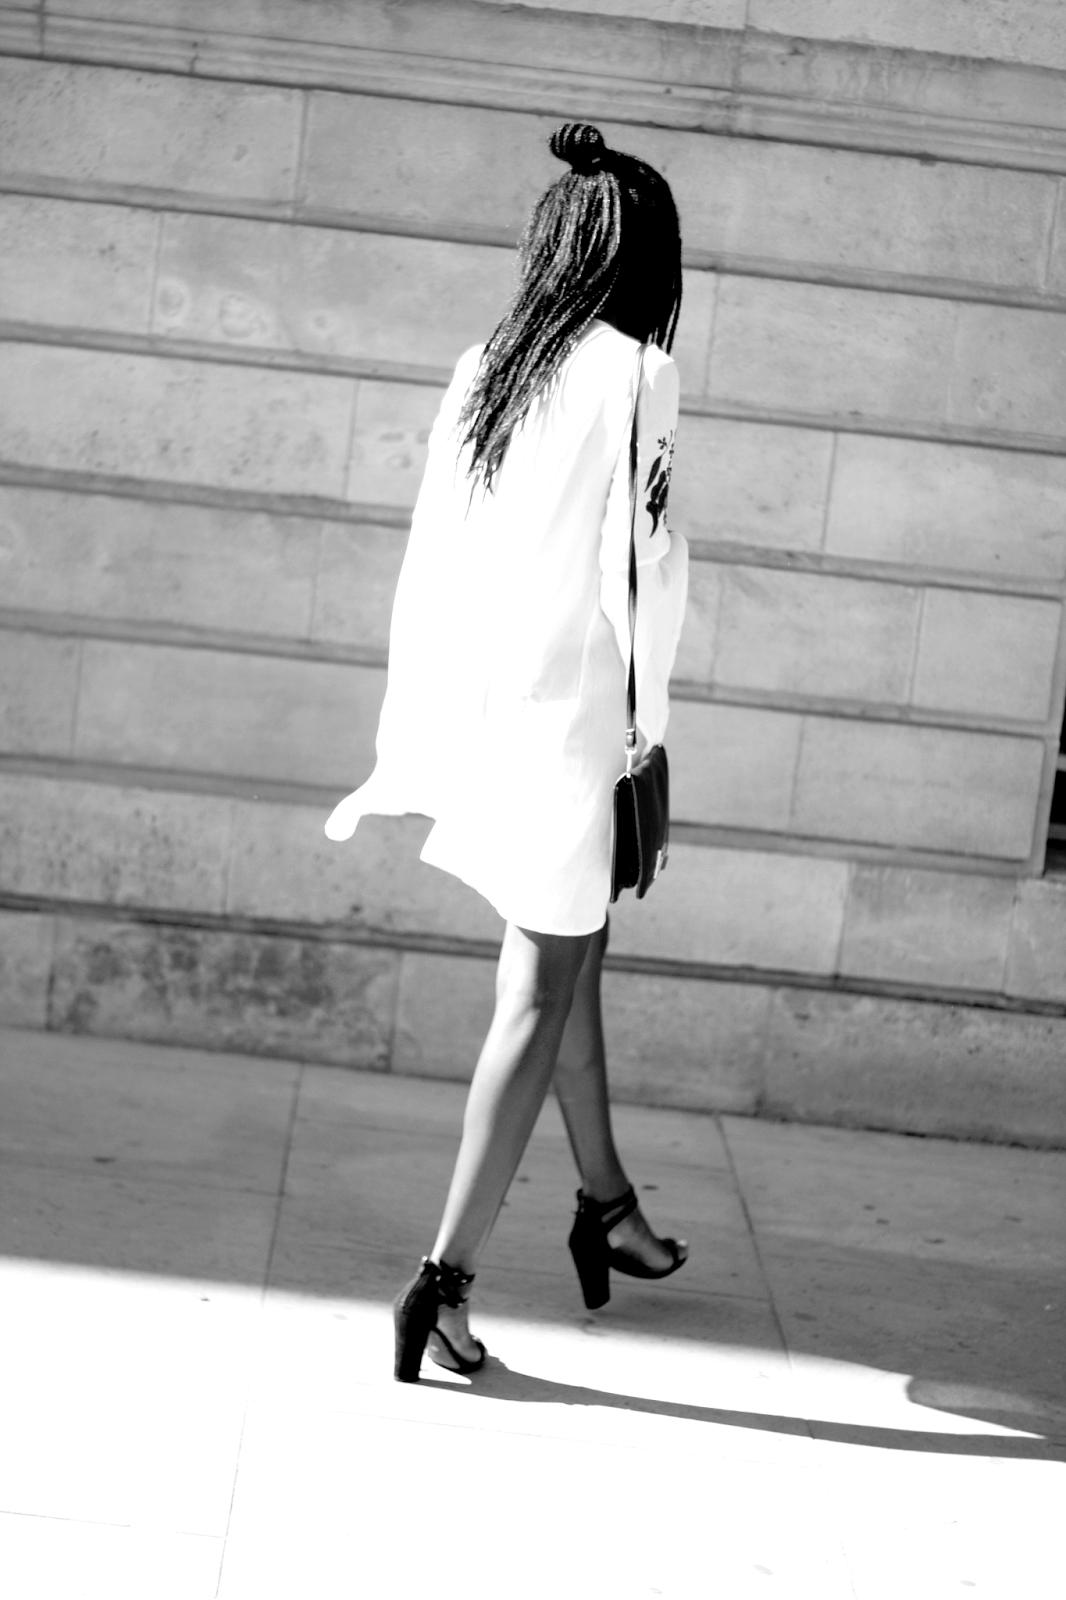 blog mode, bordeaux, robe, asos, robe asos, tall, blanche, bleue, shopping, summer, inspiration, style, olivia, blogueuse mode bordelaise, blog mode bordeaux, blogueurs mode bordeaux, bordeaux ma ville